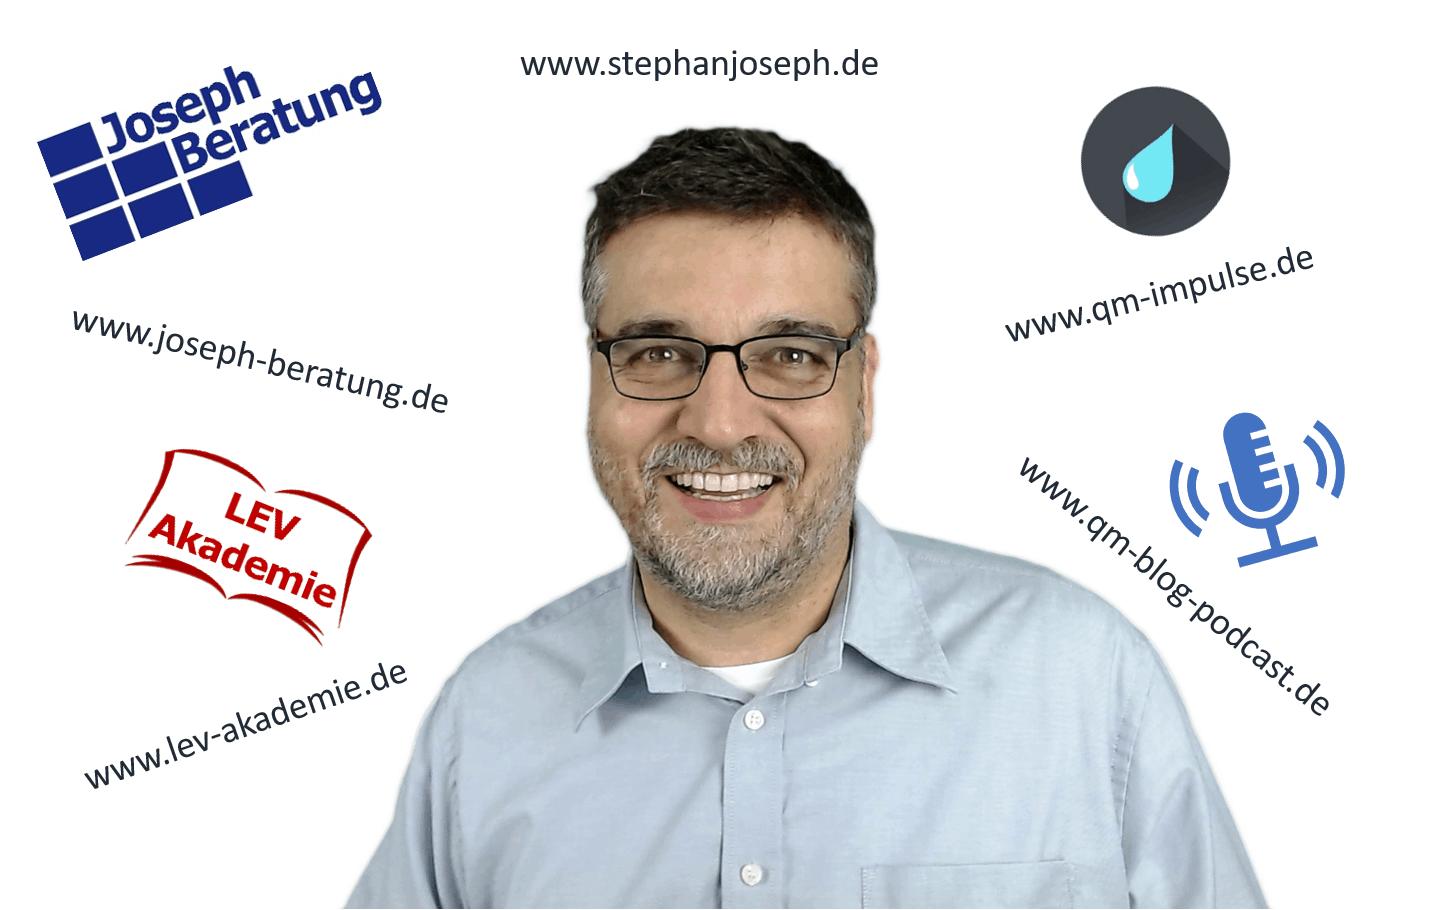 Joseph Beratung - Organisationsentwicklung mit System von Stephan Joseph.